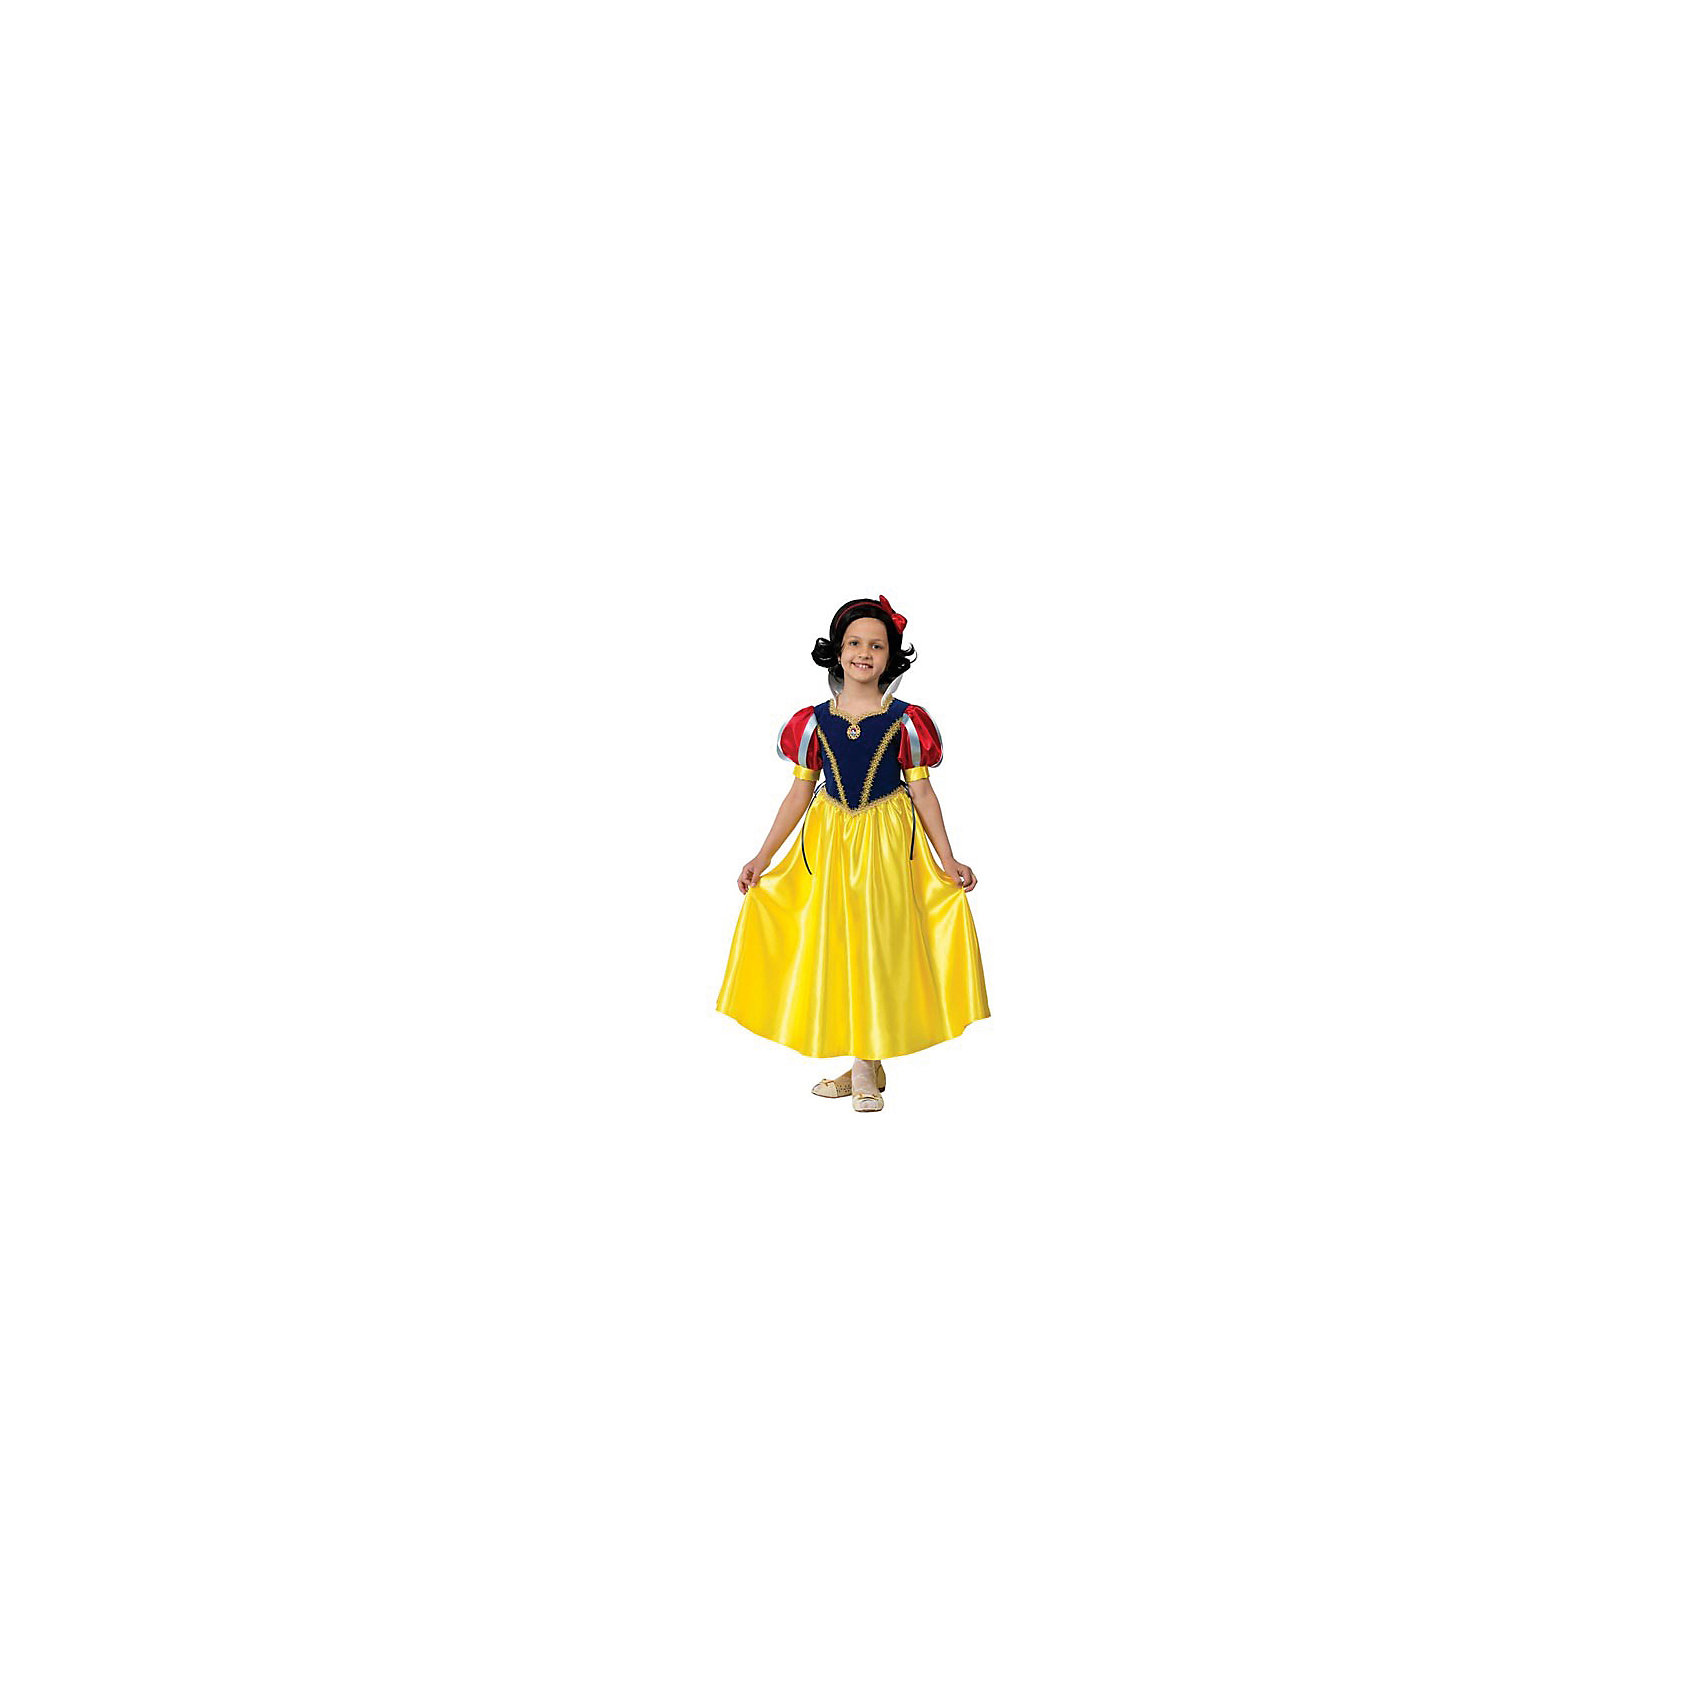 Батик Карнавальный костюм Принцесса Белоснежка, Батик костюм белоснежка делюкс детский